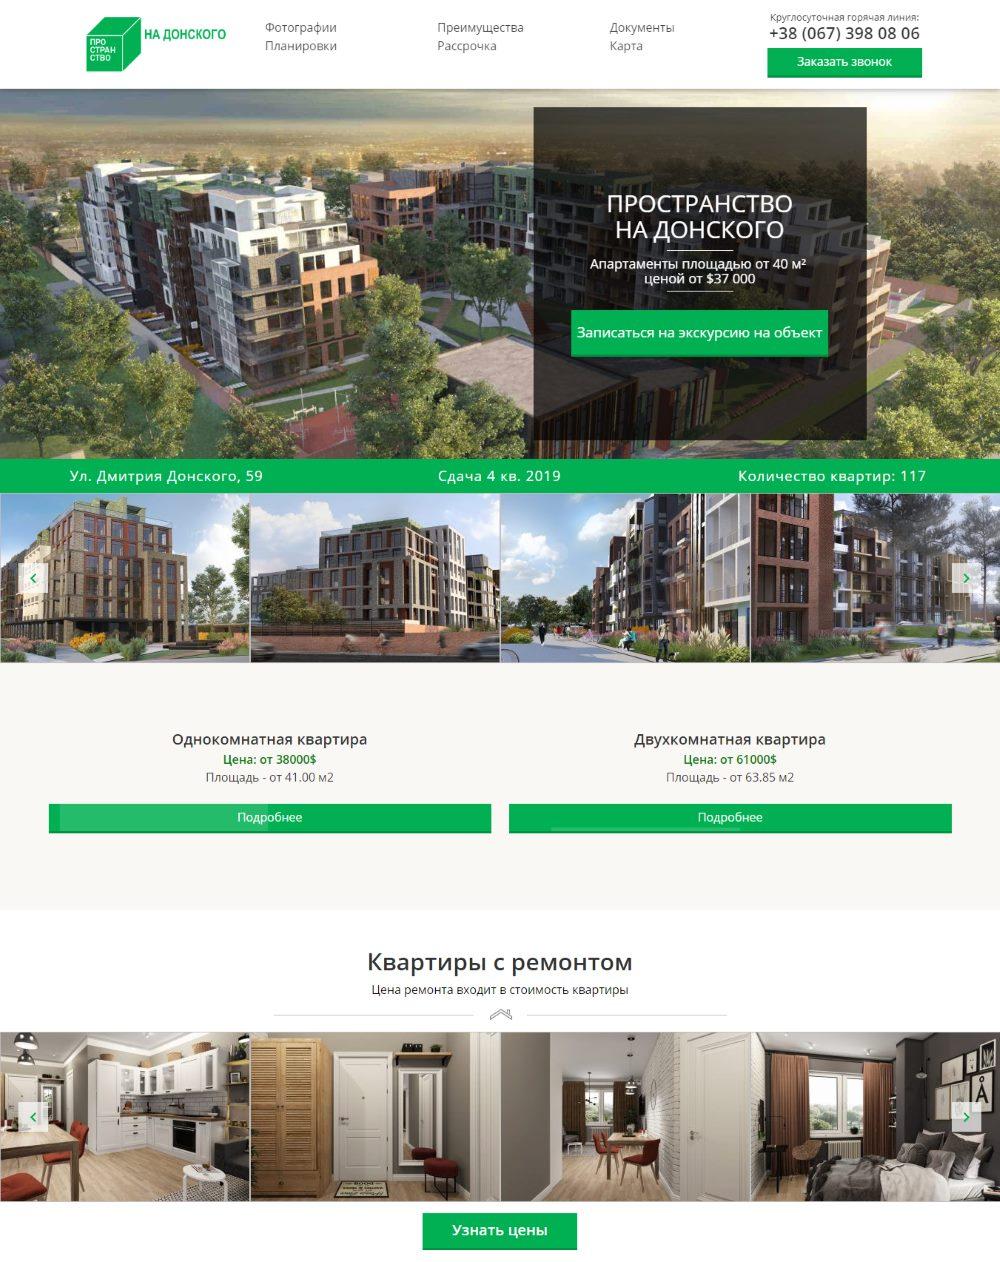 Создание Лендинга Для Комплекса Апартаментов Премиум-Класса